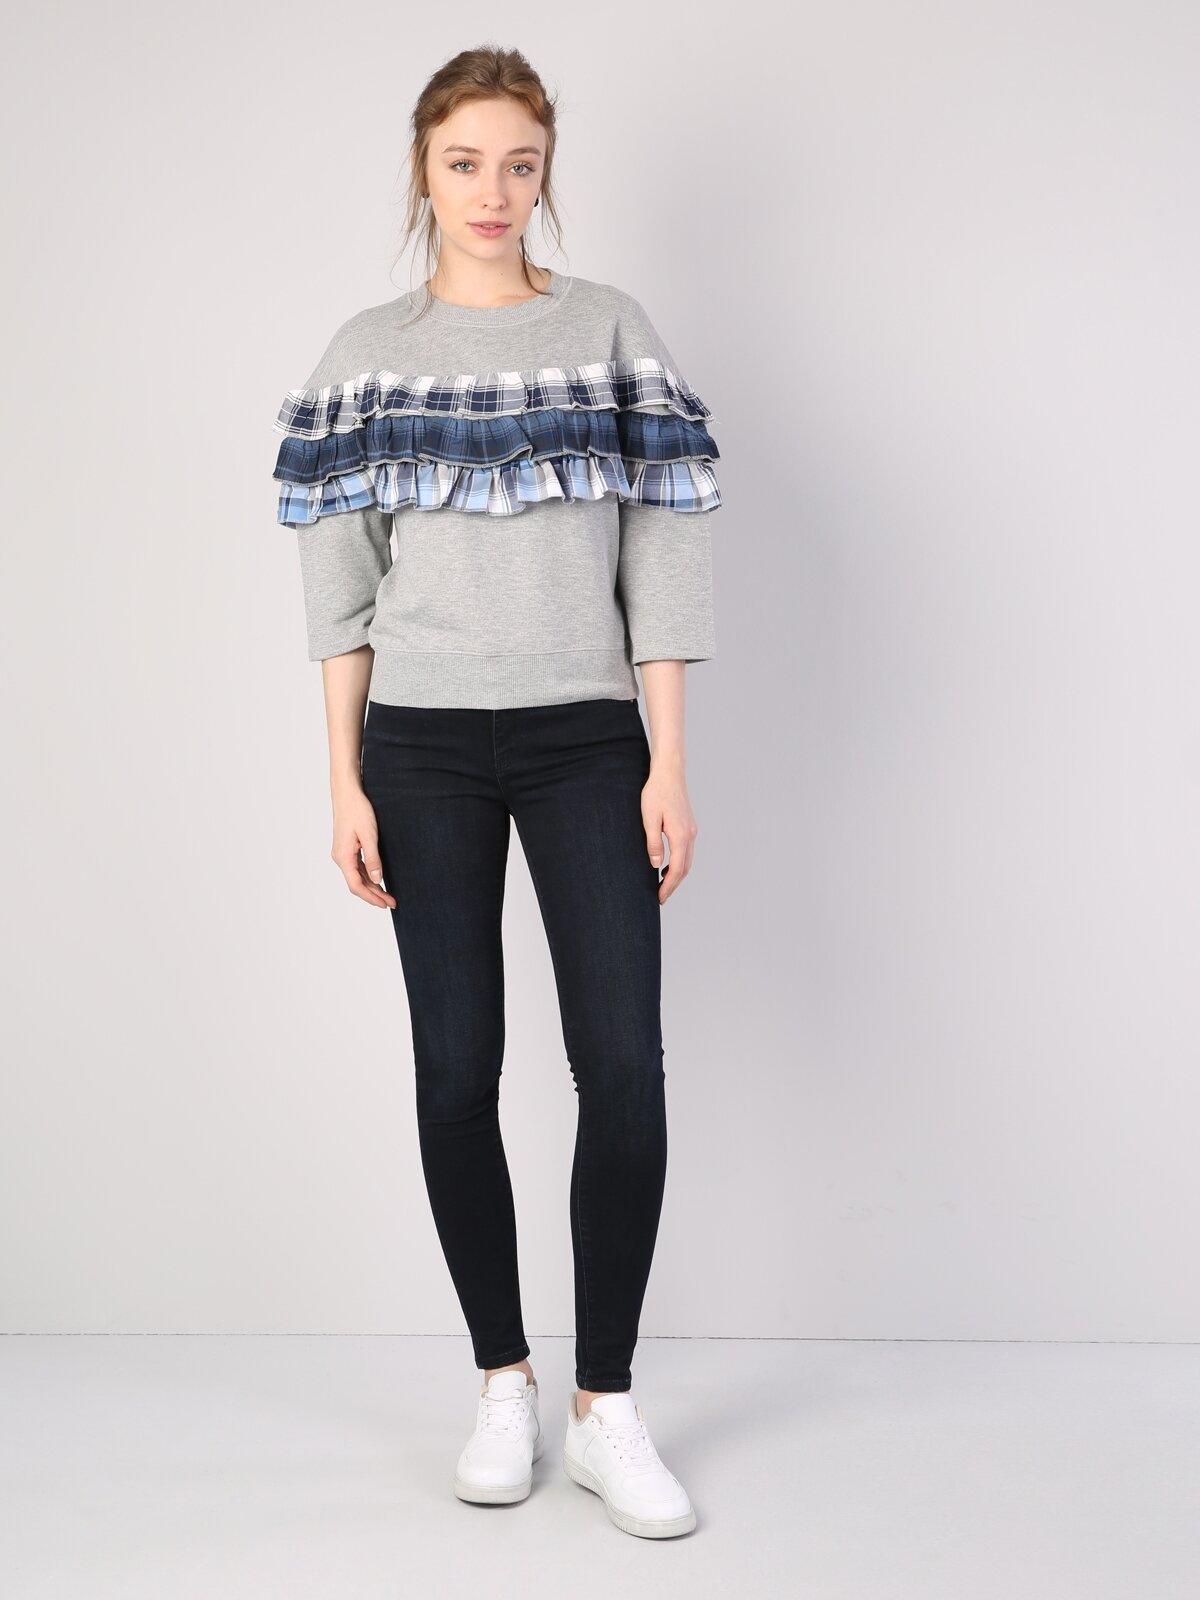 Gri Melanj Püskül Detaylı Baskılı Uzun Kol Sweatshirt